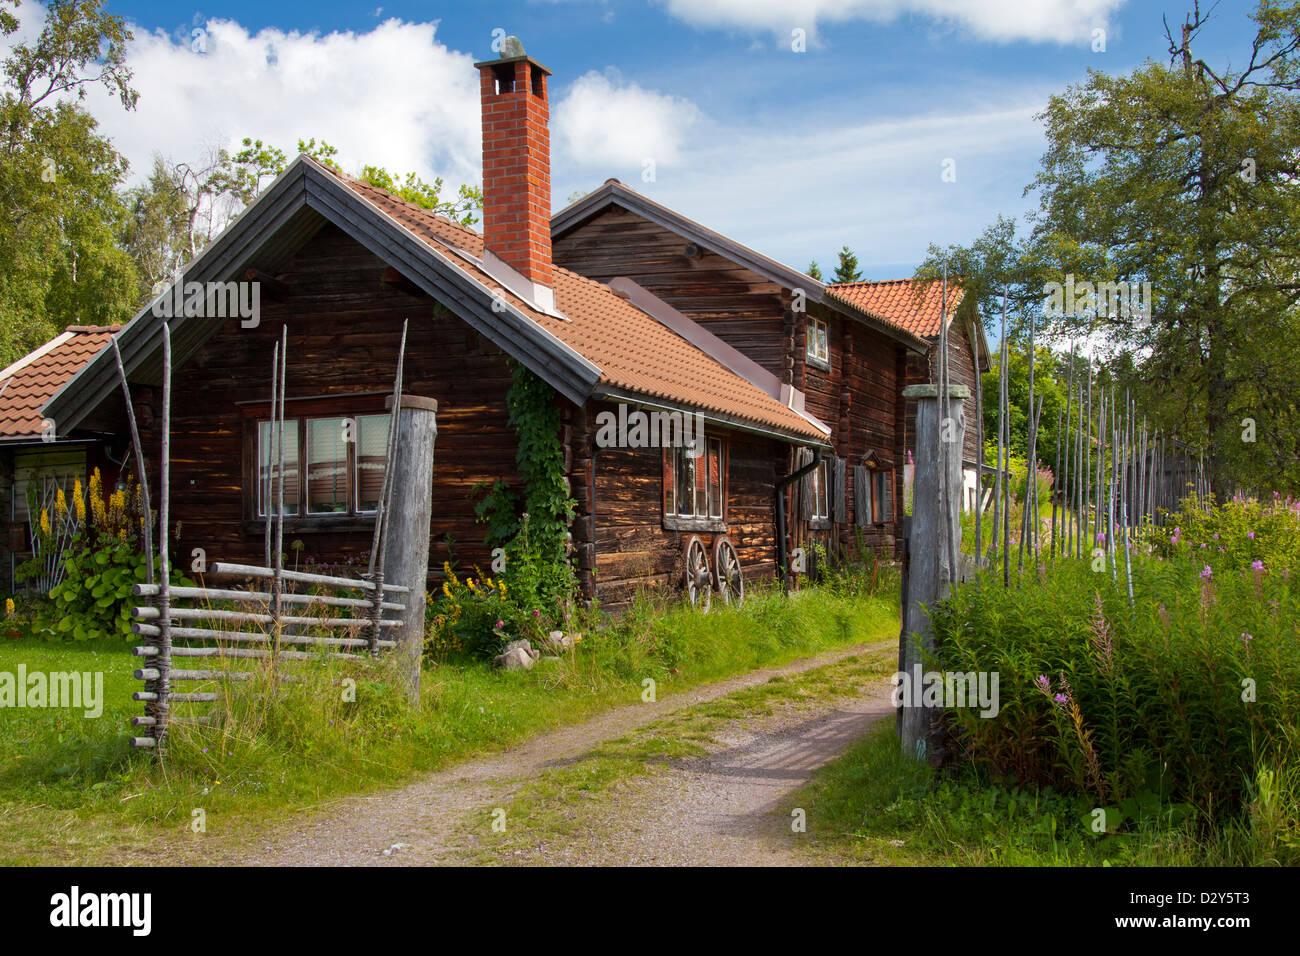 Traditional old wooden cottages / log cabins at the village Fryksås, Dalarna, Sweden, Scandinavia - Stock Image